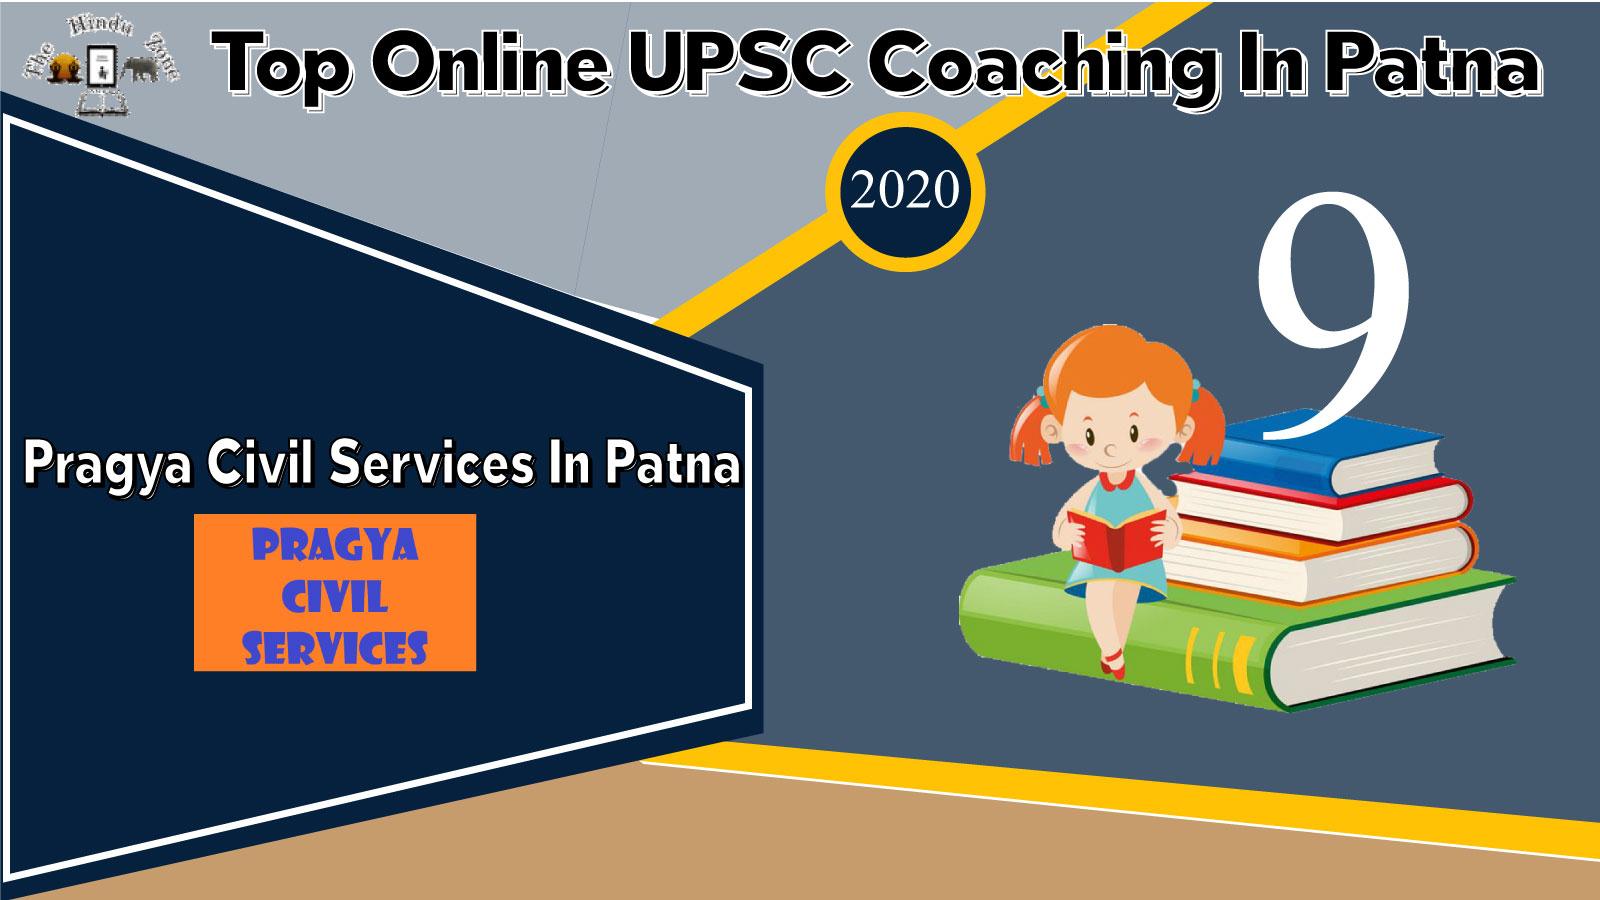 Pragya Civil Services In Patna